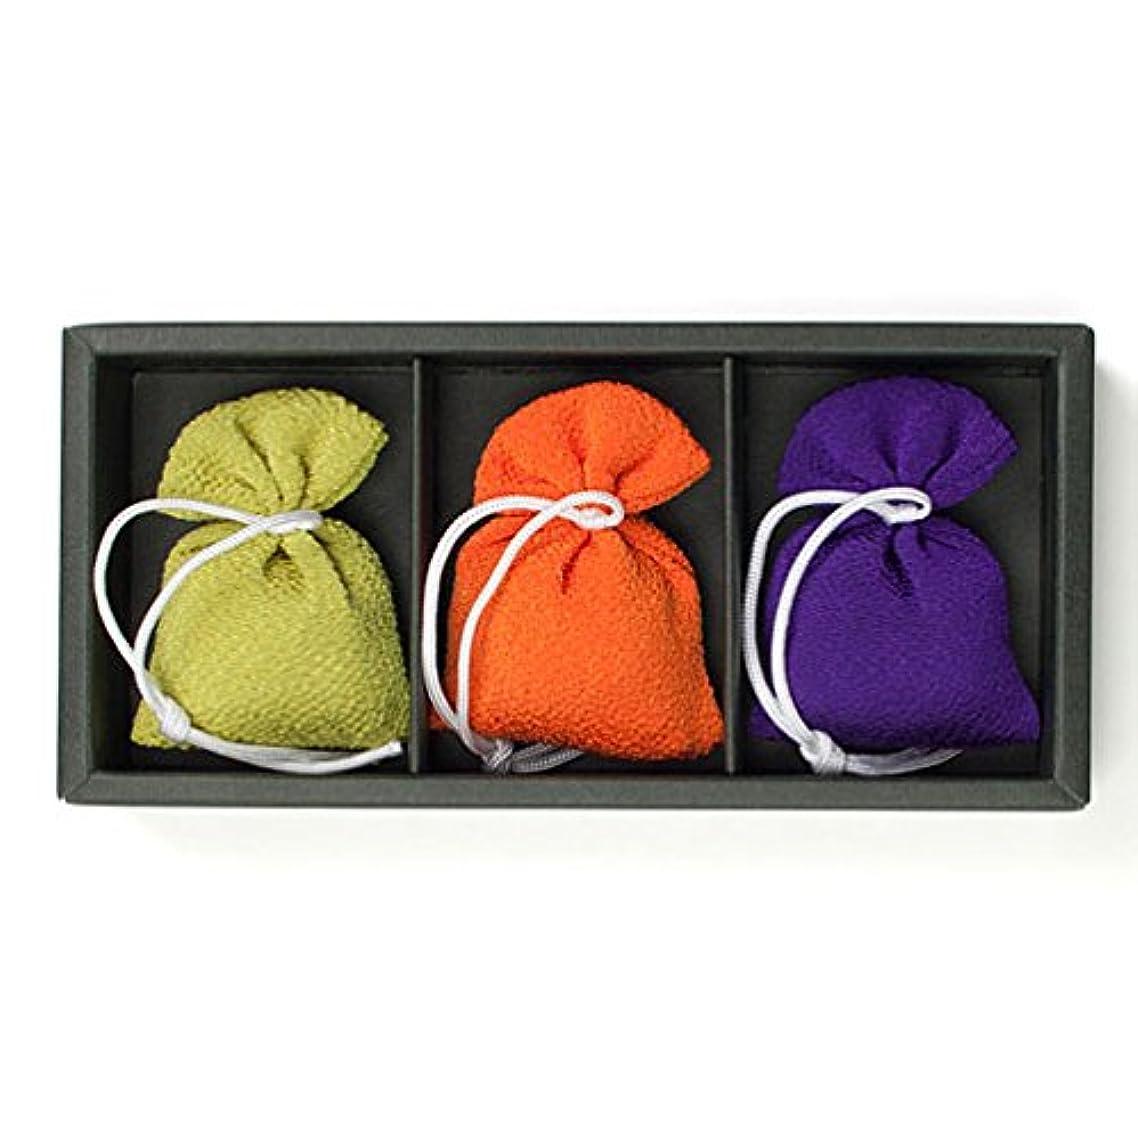 刺繍成熟鰐匂い袋 誰が袖 上品(無地) (色はおまかせ) 3個入 松栄堂 Shoyeido